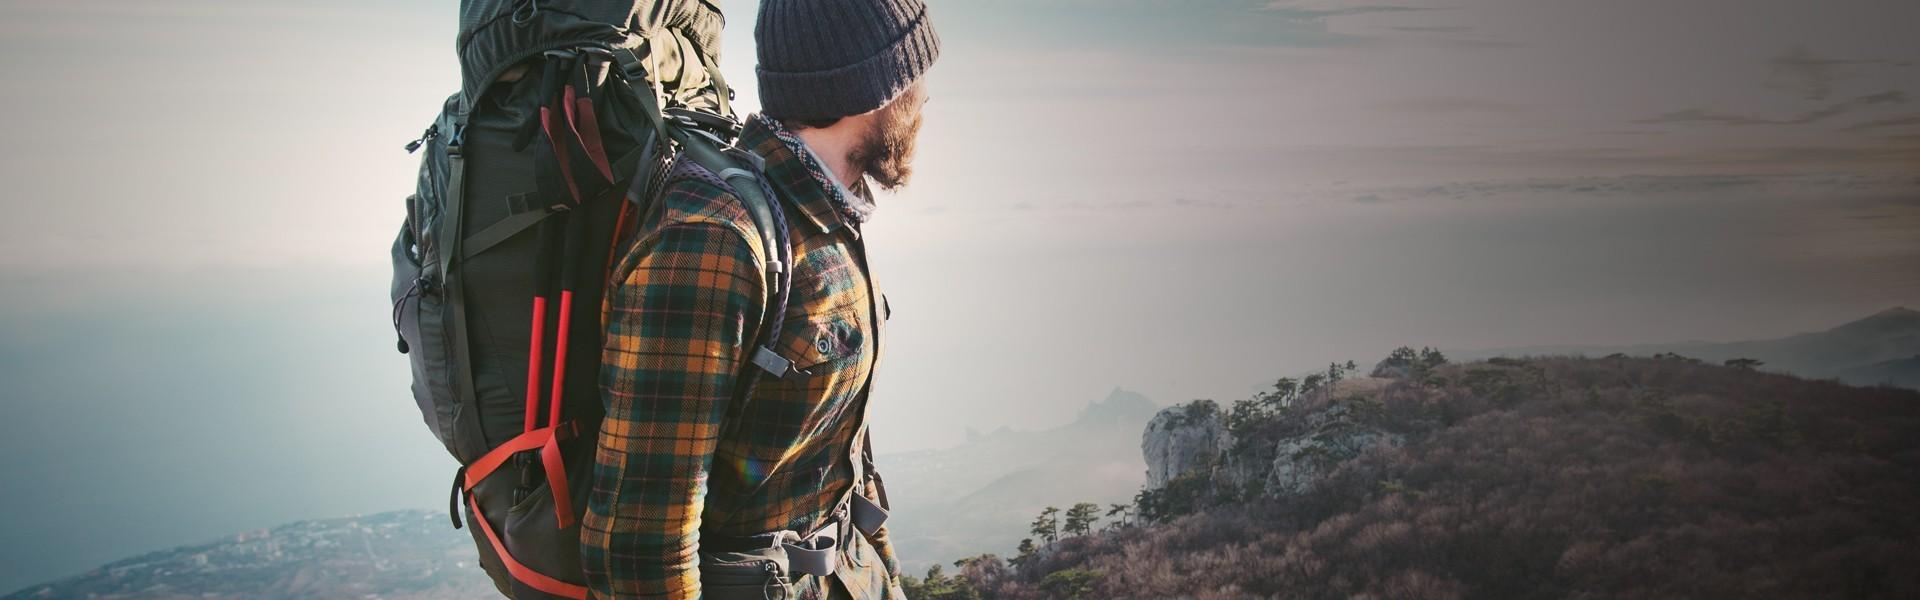 Attrezzatura Alpinismo e arrampicata